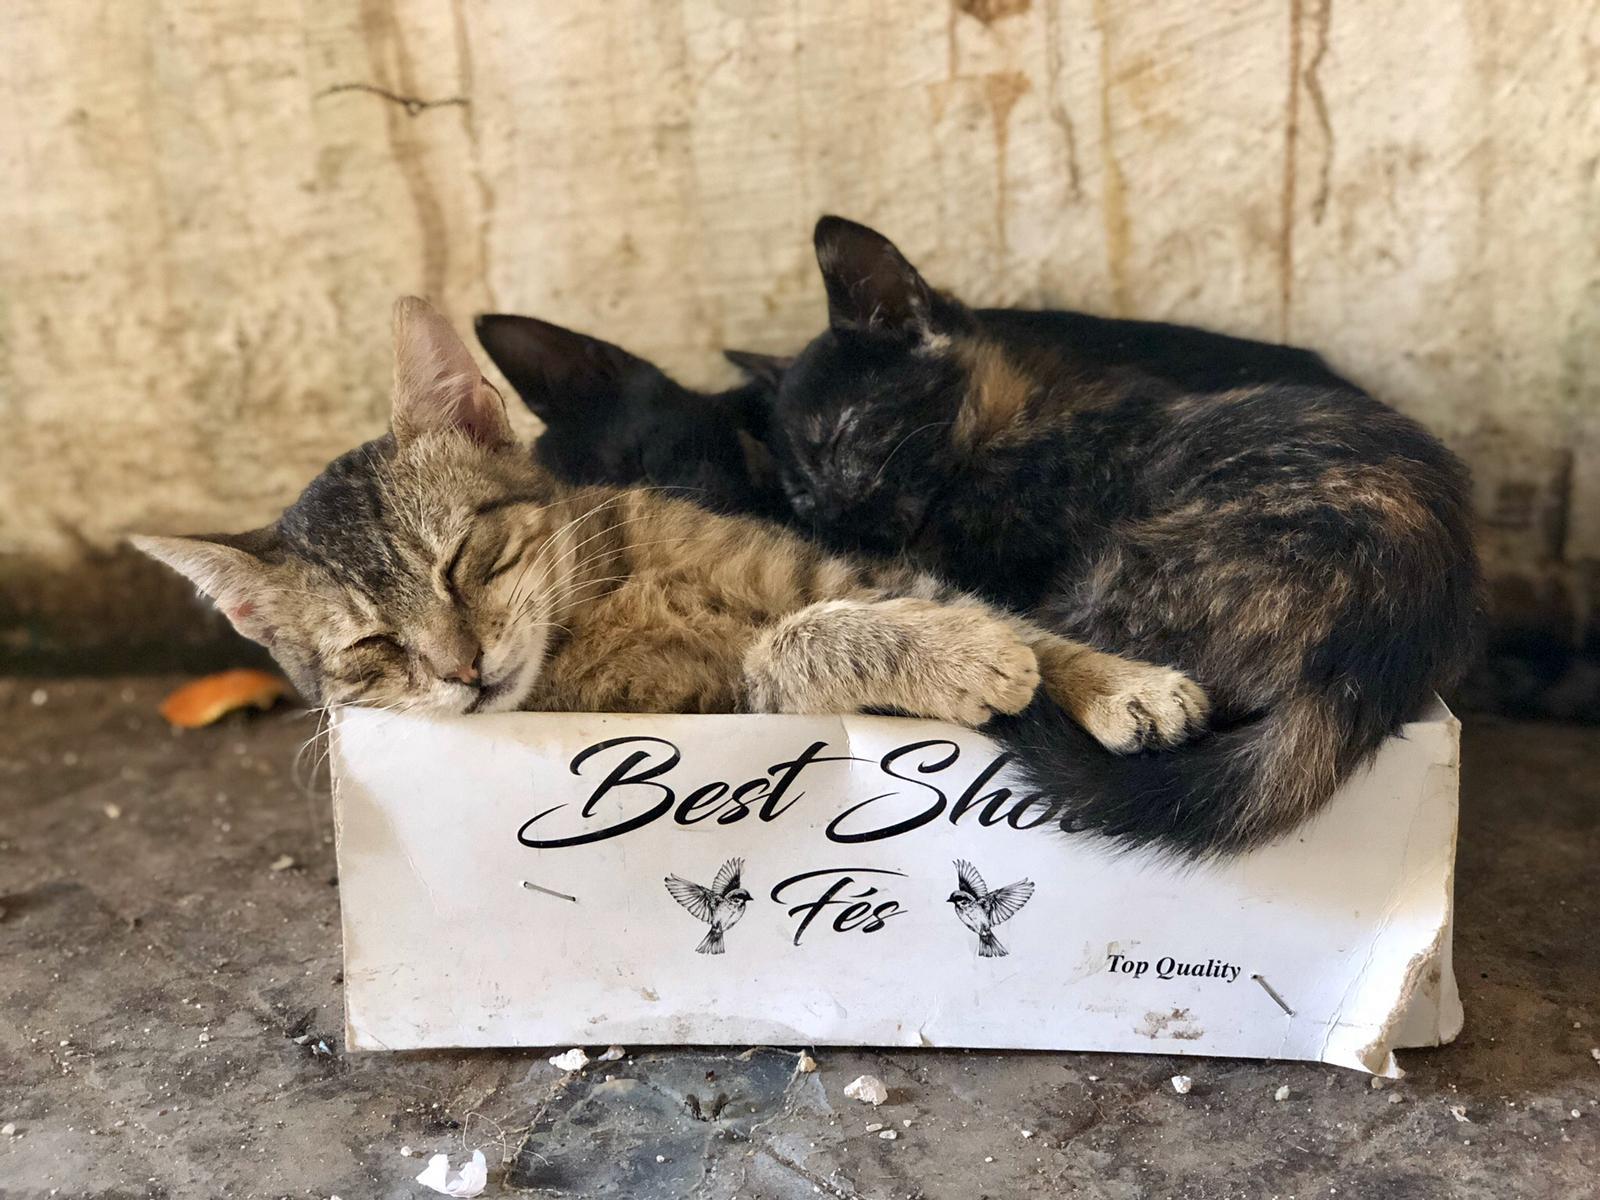 morocco bruce marais travel photography kittens medina